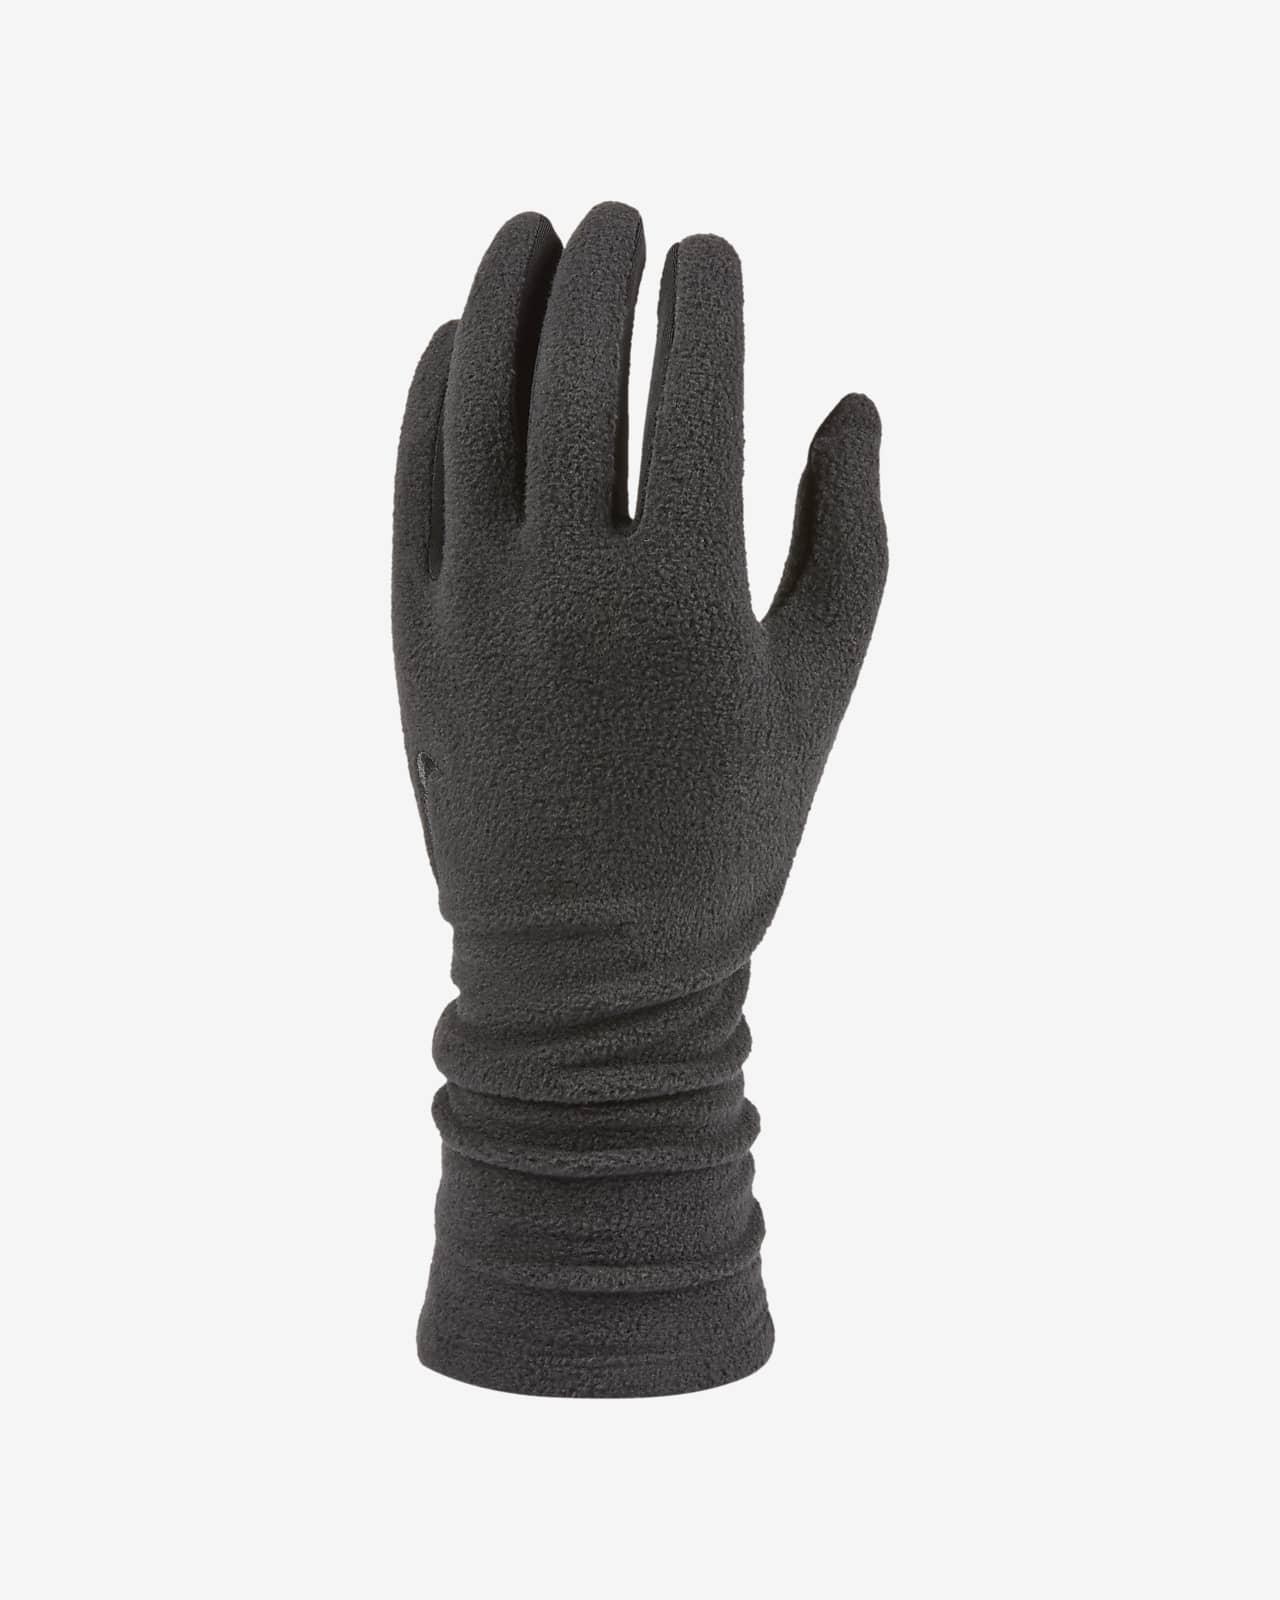 Gants en tissu Fleece Nike Cold Weather